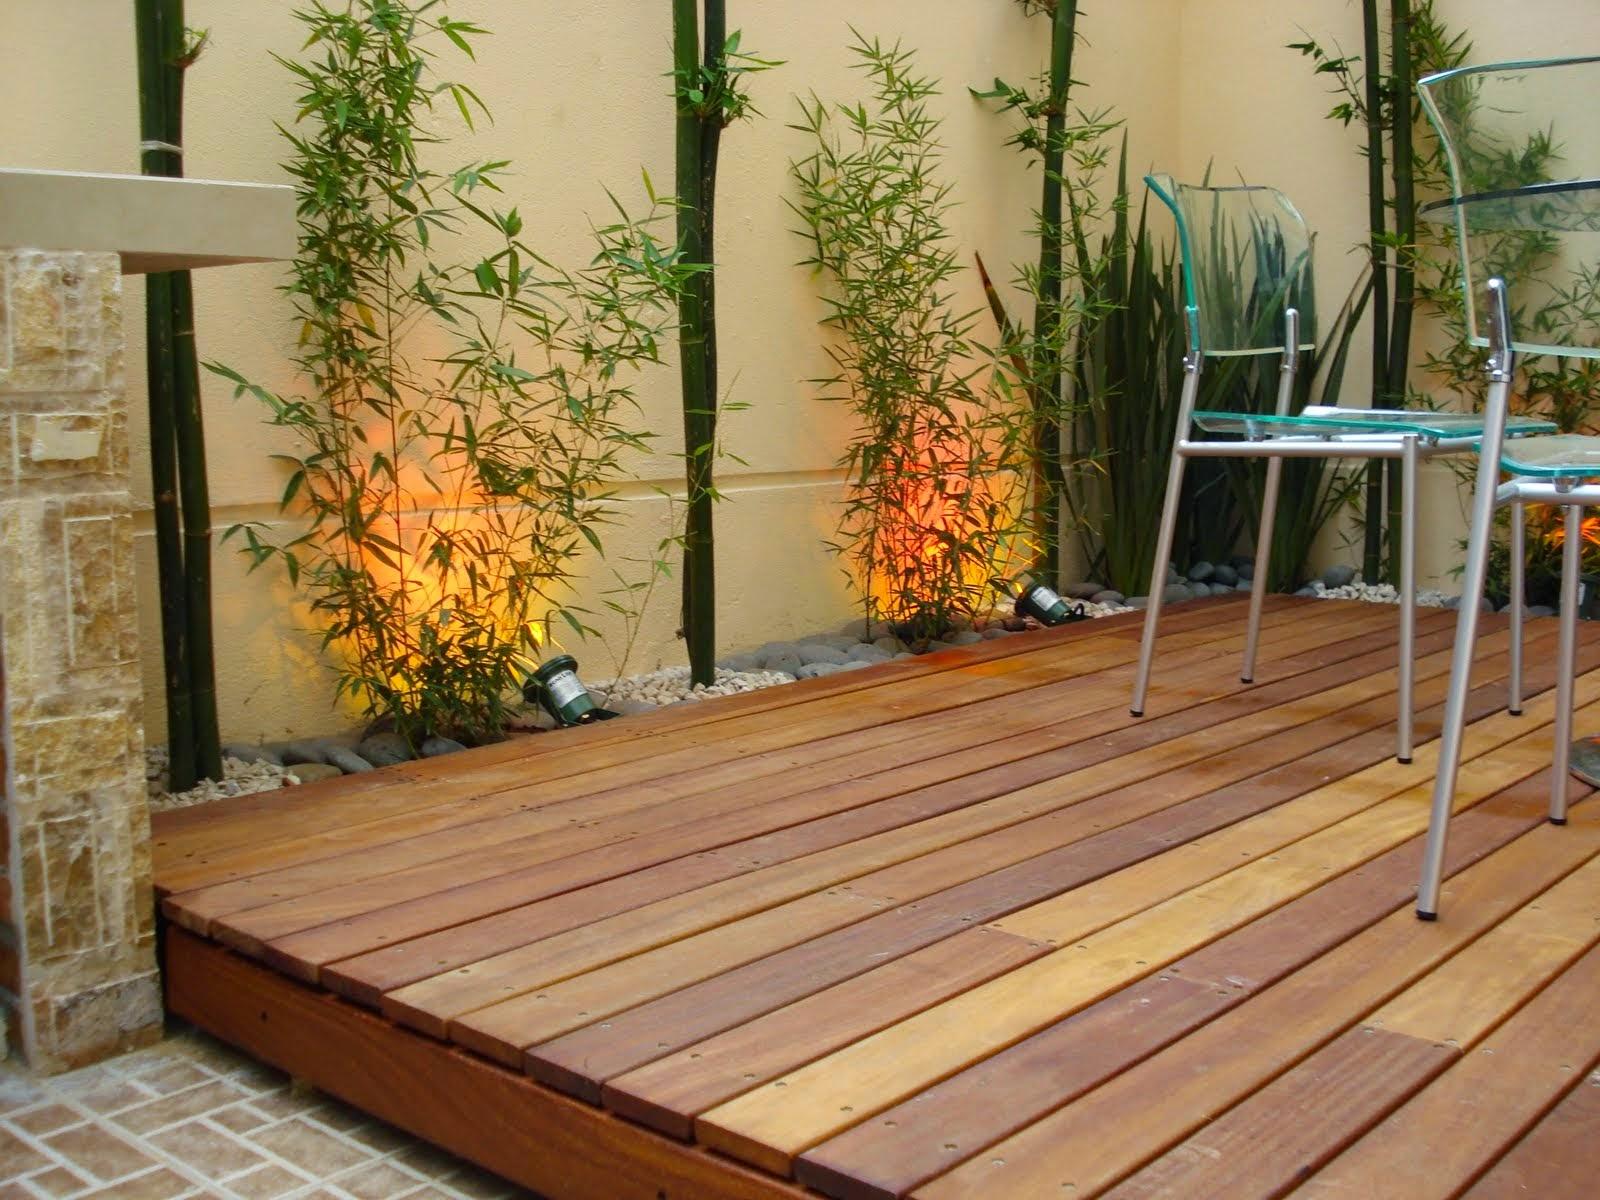 Consejos para decorar jardines en terrazas y balcones for Jardines con madera